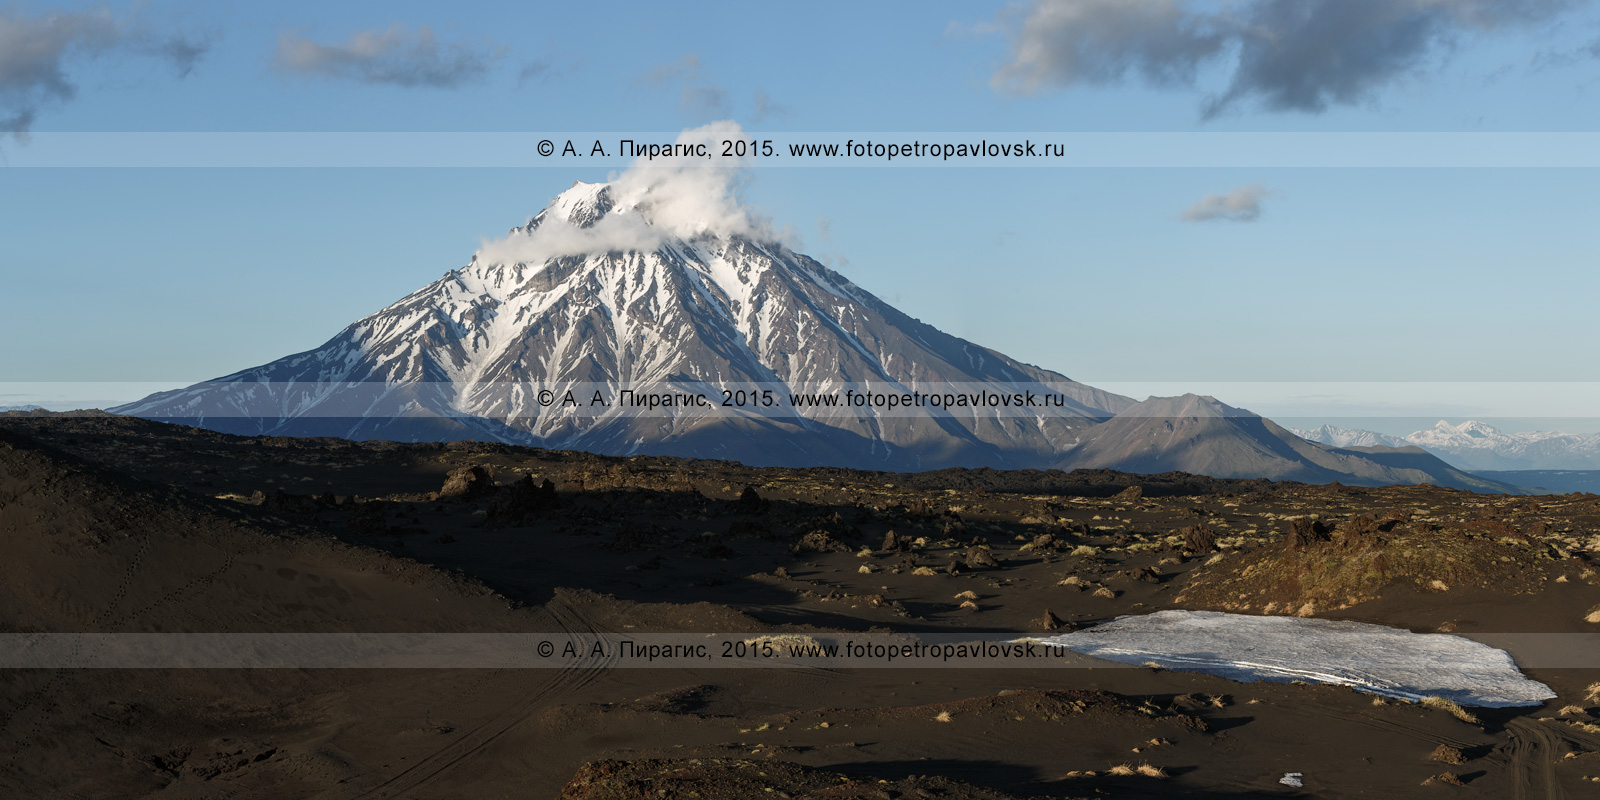 Фотография: панорама — вид на вулкан Большая Удина (Bolshaya Udina Volcano). Ключевская группа вулканов, полуостров Камчатка